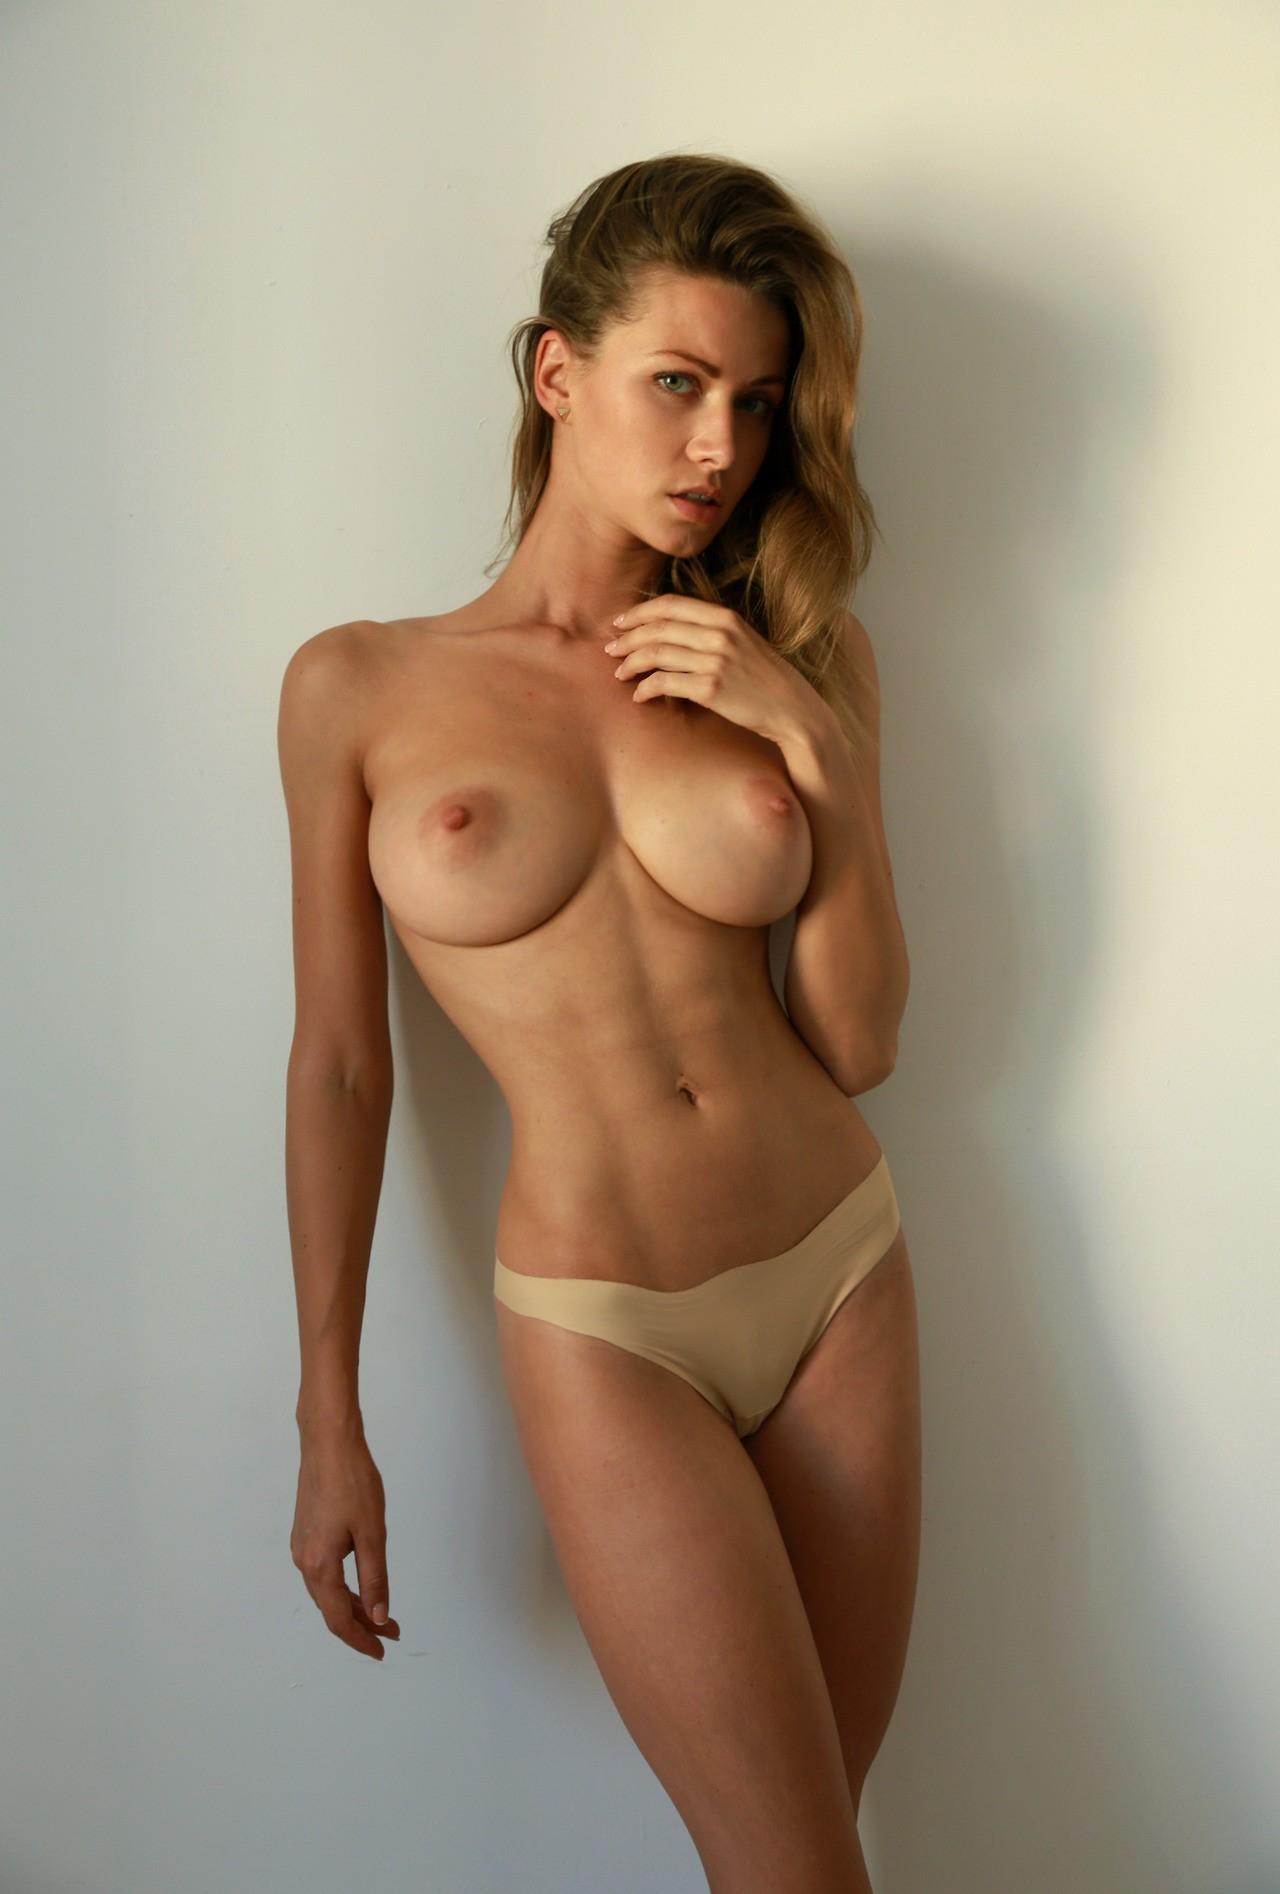 Actriz Porno Olga olga alberti porn pic - eporner